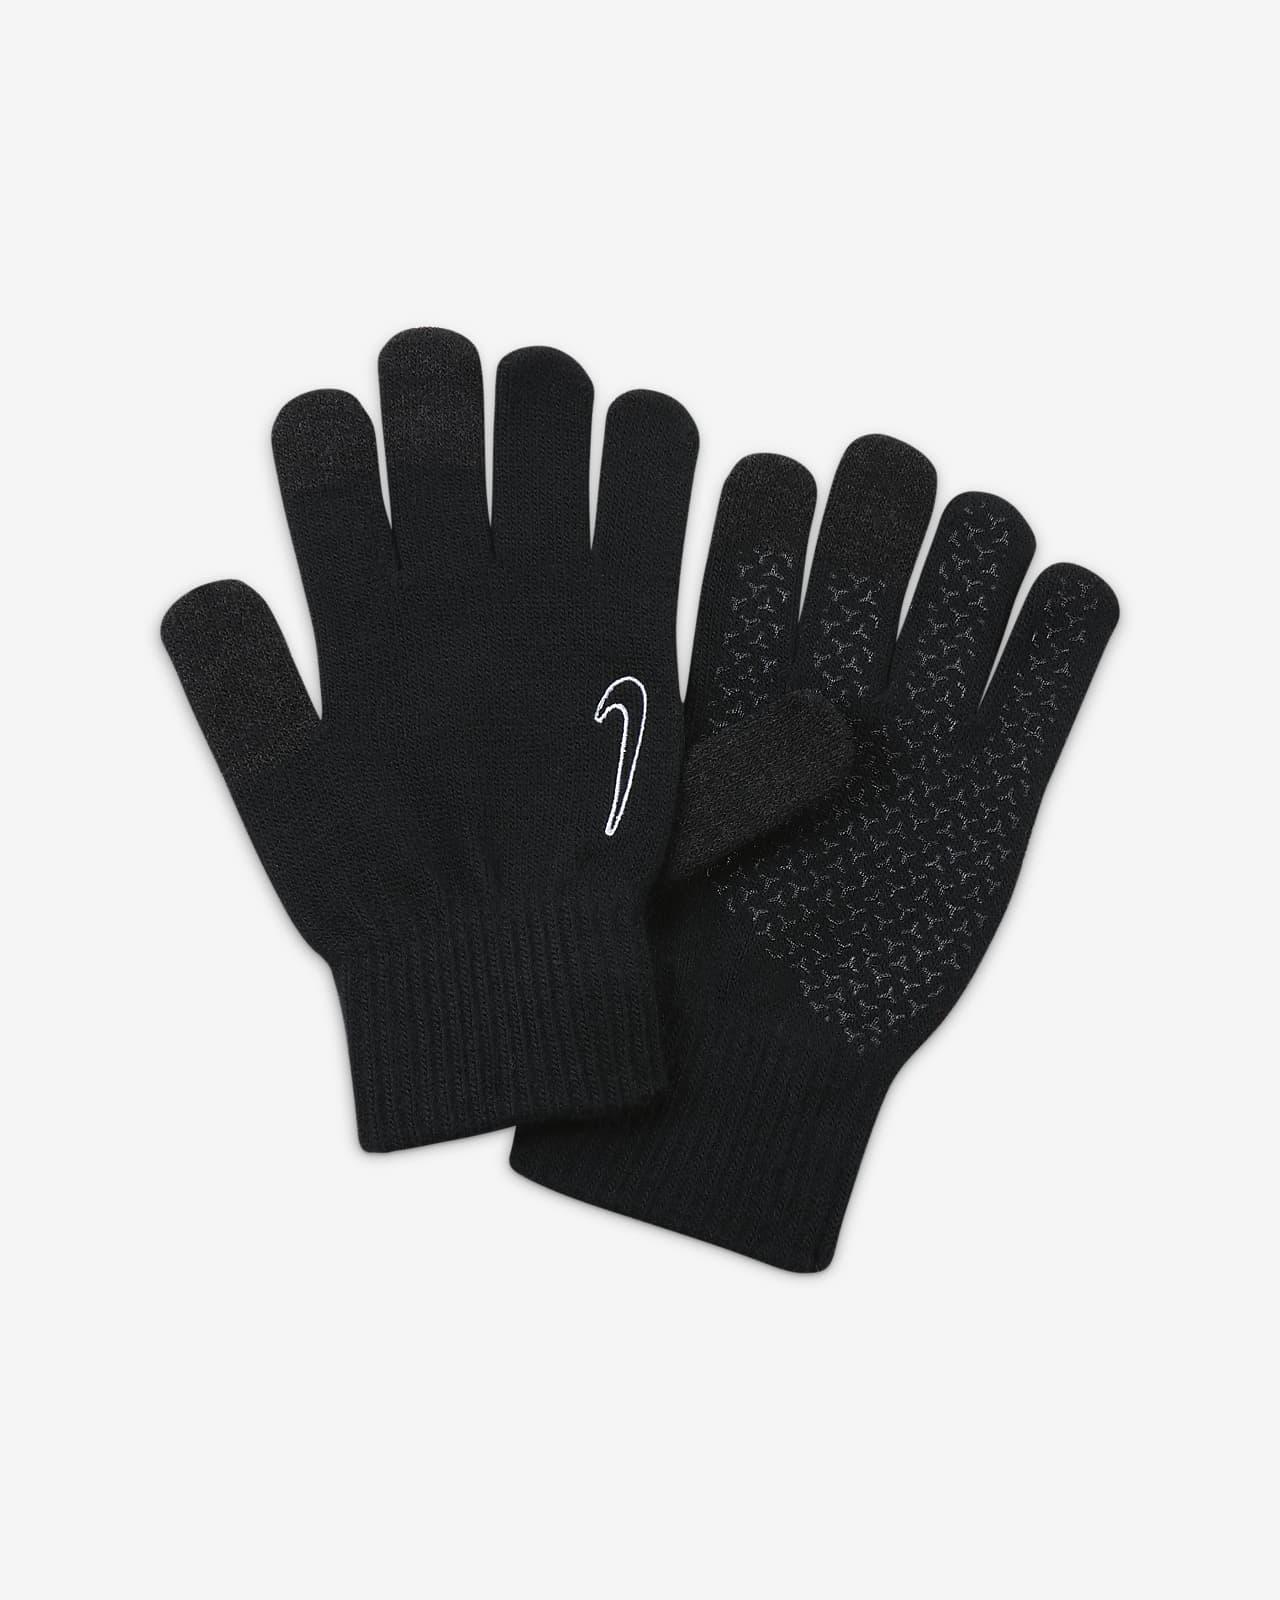 Nike Tech and Grip Guantes de tejido Knit - Niño/a